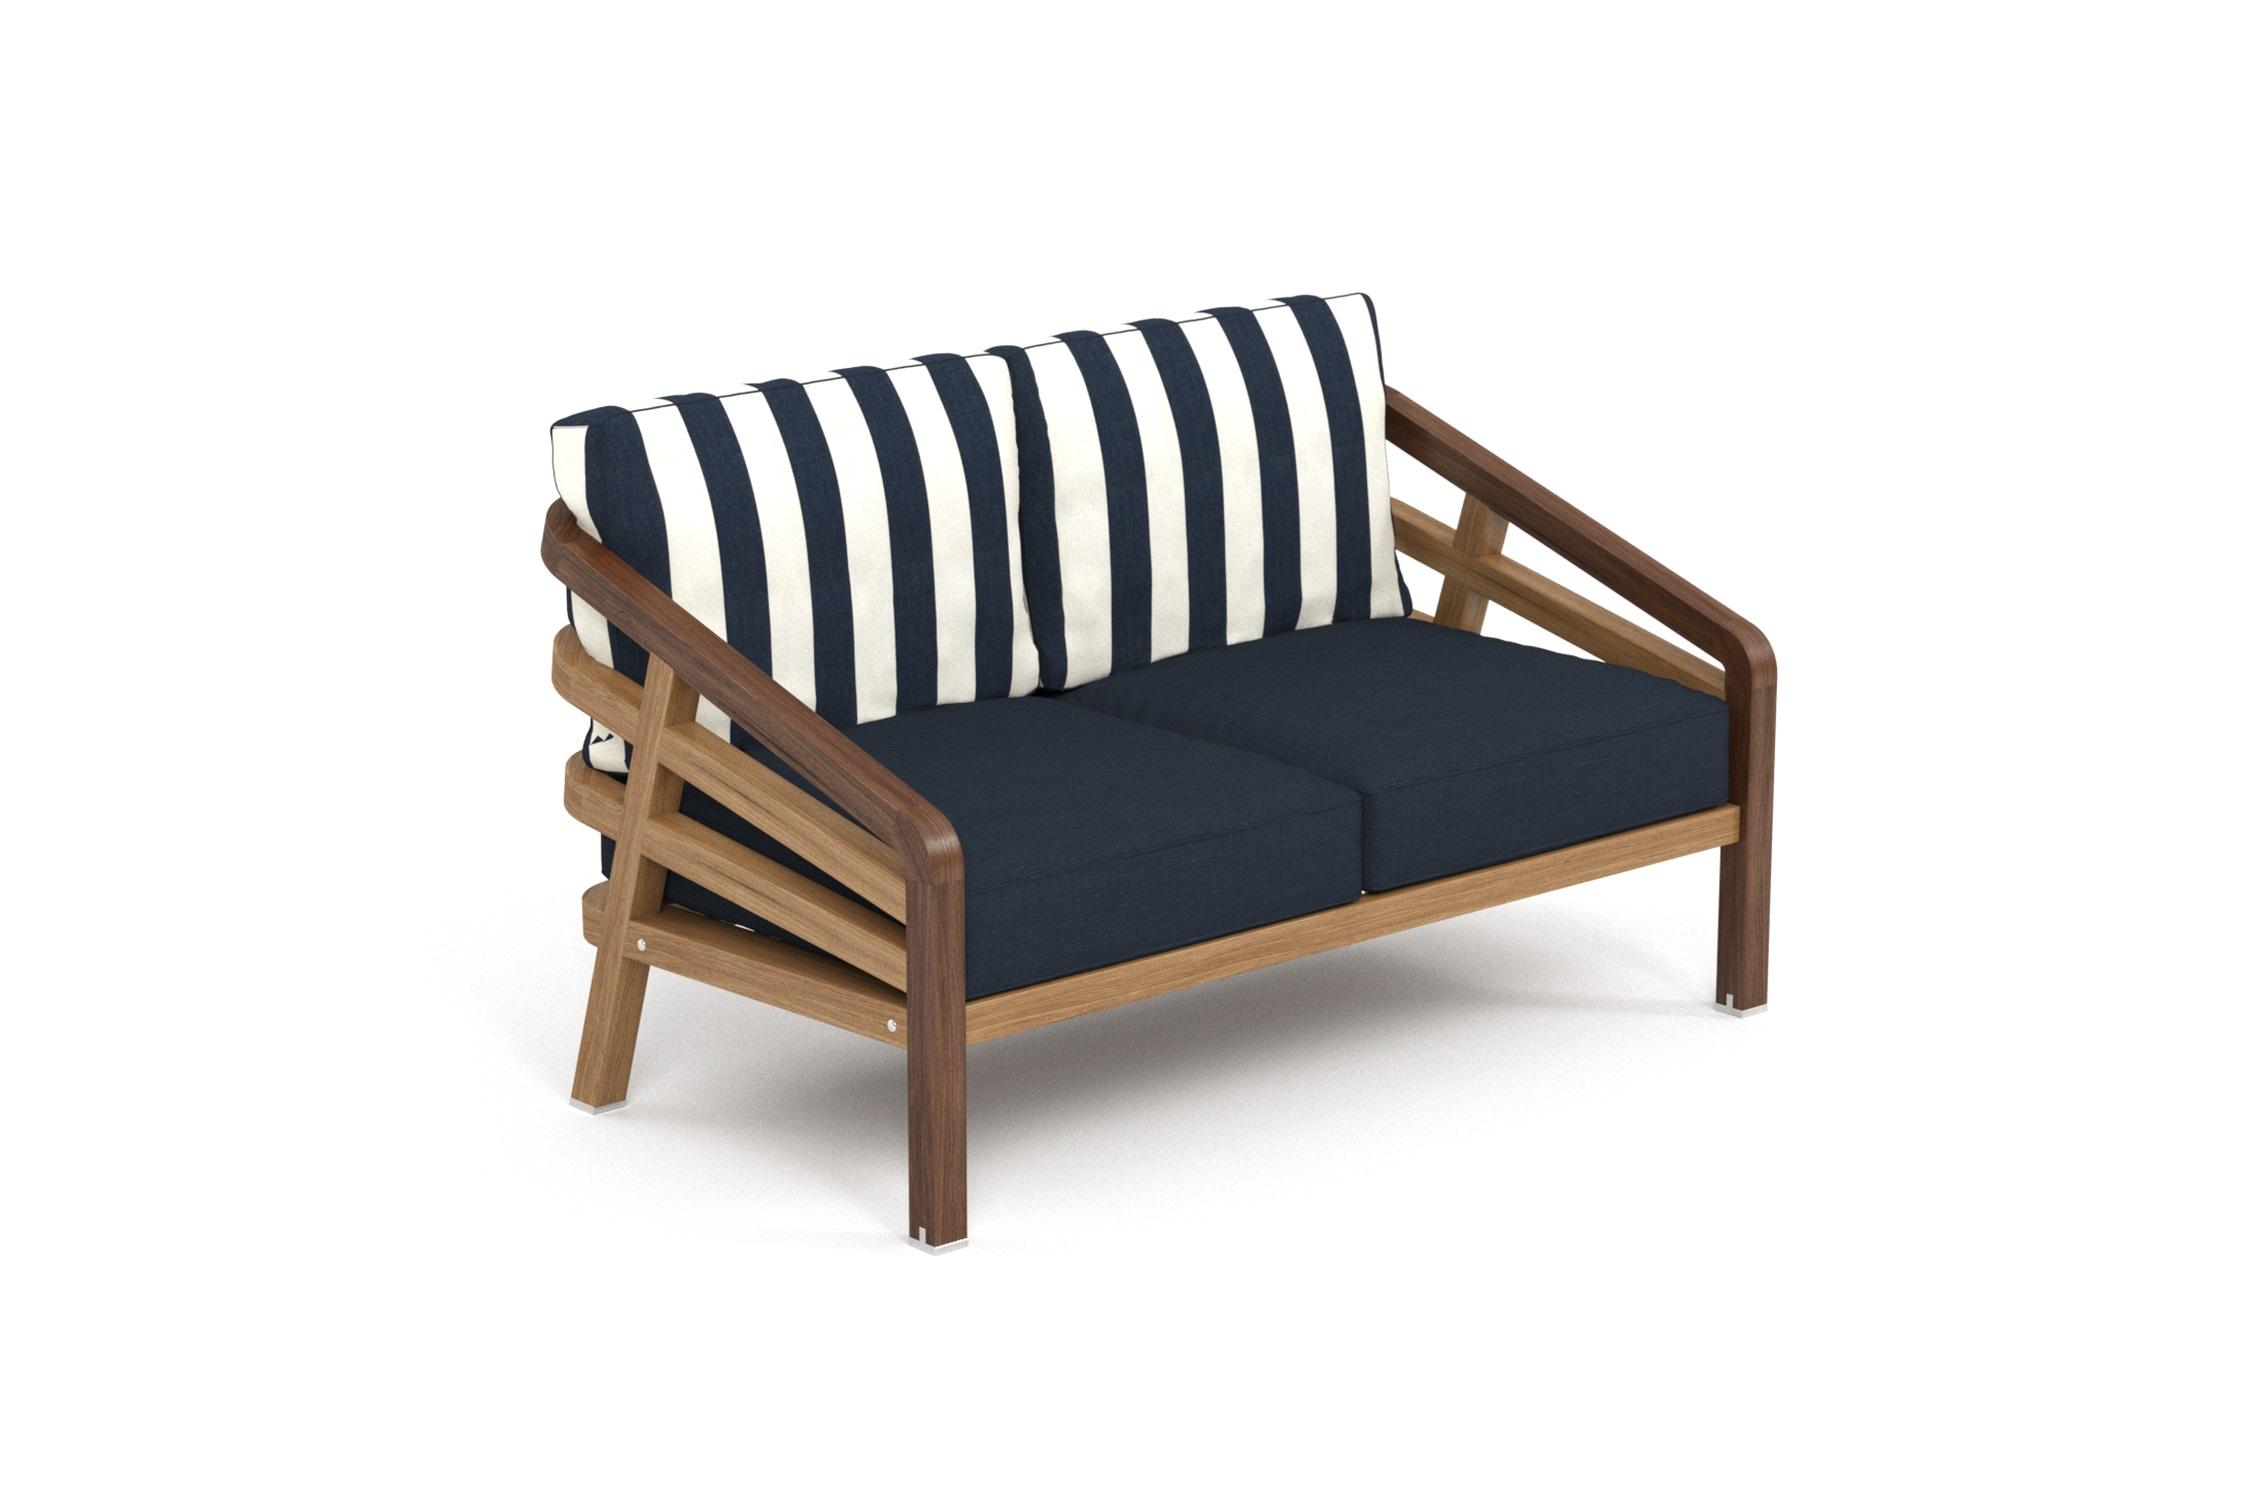 Диван LagoonДиваны и оттоманки для сада<br>&amp;lt;div&amp;gt;Коллекция LAGOON – коллекция, предназначенная для обустройства тихого уединенного места, в котором можно полностью расслабиться и забыть о суете. Дизайн продуман так, чтобы можно было выбрать множество вариаций для отдыха: загорать на шезлонге или расположиться на удобном диване, подремать в кресле или понежиться на кушетке.&amp;amp;nbsp;&amp;lt;/div&amp;gt;&amp;lt;div&amp;gt;Высота посадки:420мм.&amp;amp;nbsp;&amp;lt;/div&amp;gt;&amp;lt;div&amp;gt;&amp;lt;br&amp;gt;&amp;lt;/div&amp;gt;&amp;lt;div&amp;gt;Тик – прочная и твердая древесина, относится к ценным породам. Имеет темно-золотистый цвет и сохраняет его на протяжении очень длительного срока. Со временем приобретает благородный темно-серый или темно-коричневый цвет. Благодаря высокому содержанию природных масел, обладает высокой стойкостью против гниения, кислот и щелочей, не вызывает коррозию металлов. Тик содержит кислоты кремния и танина, придающие материалу стойкость к воздействию вредных внешних факторов. Древесина тика не подвержена воздействию термитов, не требует дополнительной антибактериальной обработки. Мебель из тика допускает круглогодичную эксплуатацию на открытом воздухе, выдерживает перепады температур от –30 до +30С. Срок службы более 25 лет.&amp;lt;/div&amp;gt;&amp;lt;div&amp;gt;&amp;lt;br&amp;gt;&amp;lt;/div&amp;gt;&amp;lt;div&amp;gt;Sunbrella® – акриловая ткань с водоотталкивающими свойствами от мирового лидера в производстве тканей для яхт.&amp;lt;/div&amp;gt;&amp;lt;div&amp;gt;&amp;lt;br&amp;gt;&amp;lt;/div&amp;gt;<br><br>&amp;lt;iframe width=&amp;quot;530&amp;quot; height=&amp;quot;300&amp;quot; src=&amp;quot;https://www.youtube.com/embed/uL9Kujh07kc&amp;quot; frameborder=&amp;quot;0&amp;quot; allowfullscreen=&amp;quot;&amp;quot;&amp;gt;&amp;lt;/iframe&amp;gt;<br><br>Material: Тик<br>Ширина см: 130.0<br>Высота см: 83.0<br>Глубина см: 76